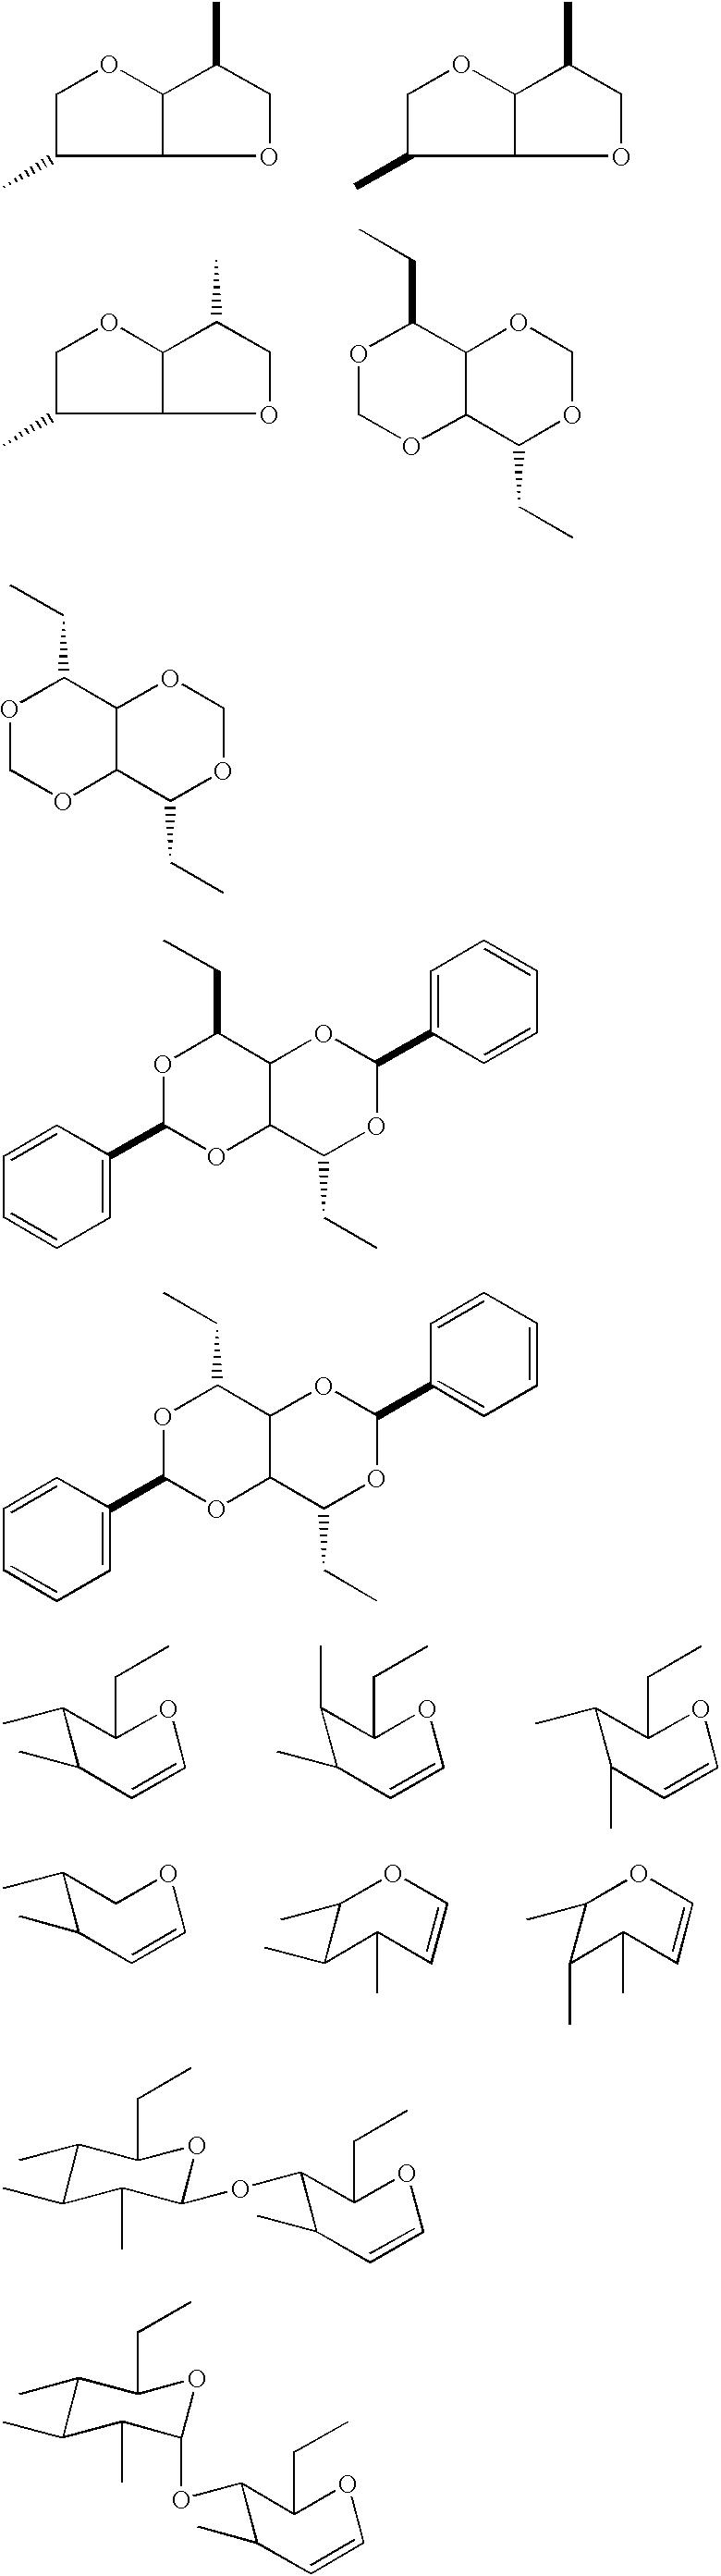 Figure US06582781-20030624-C00007